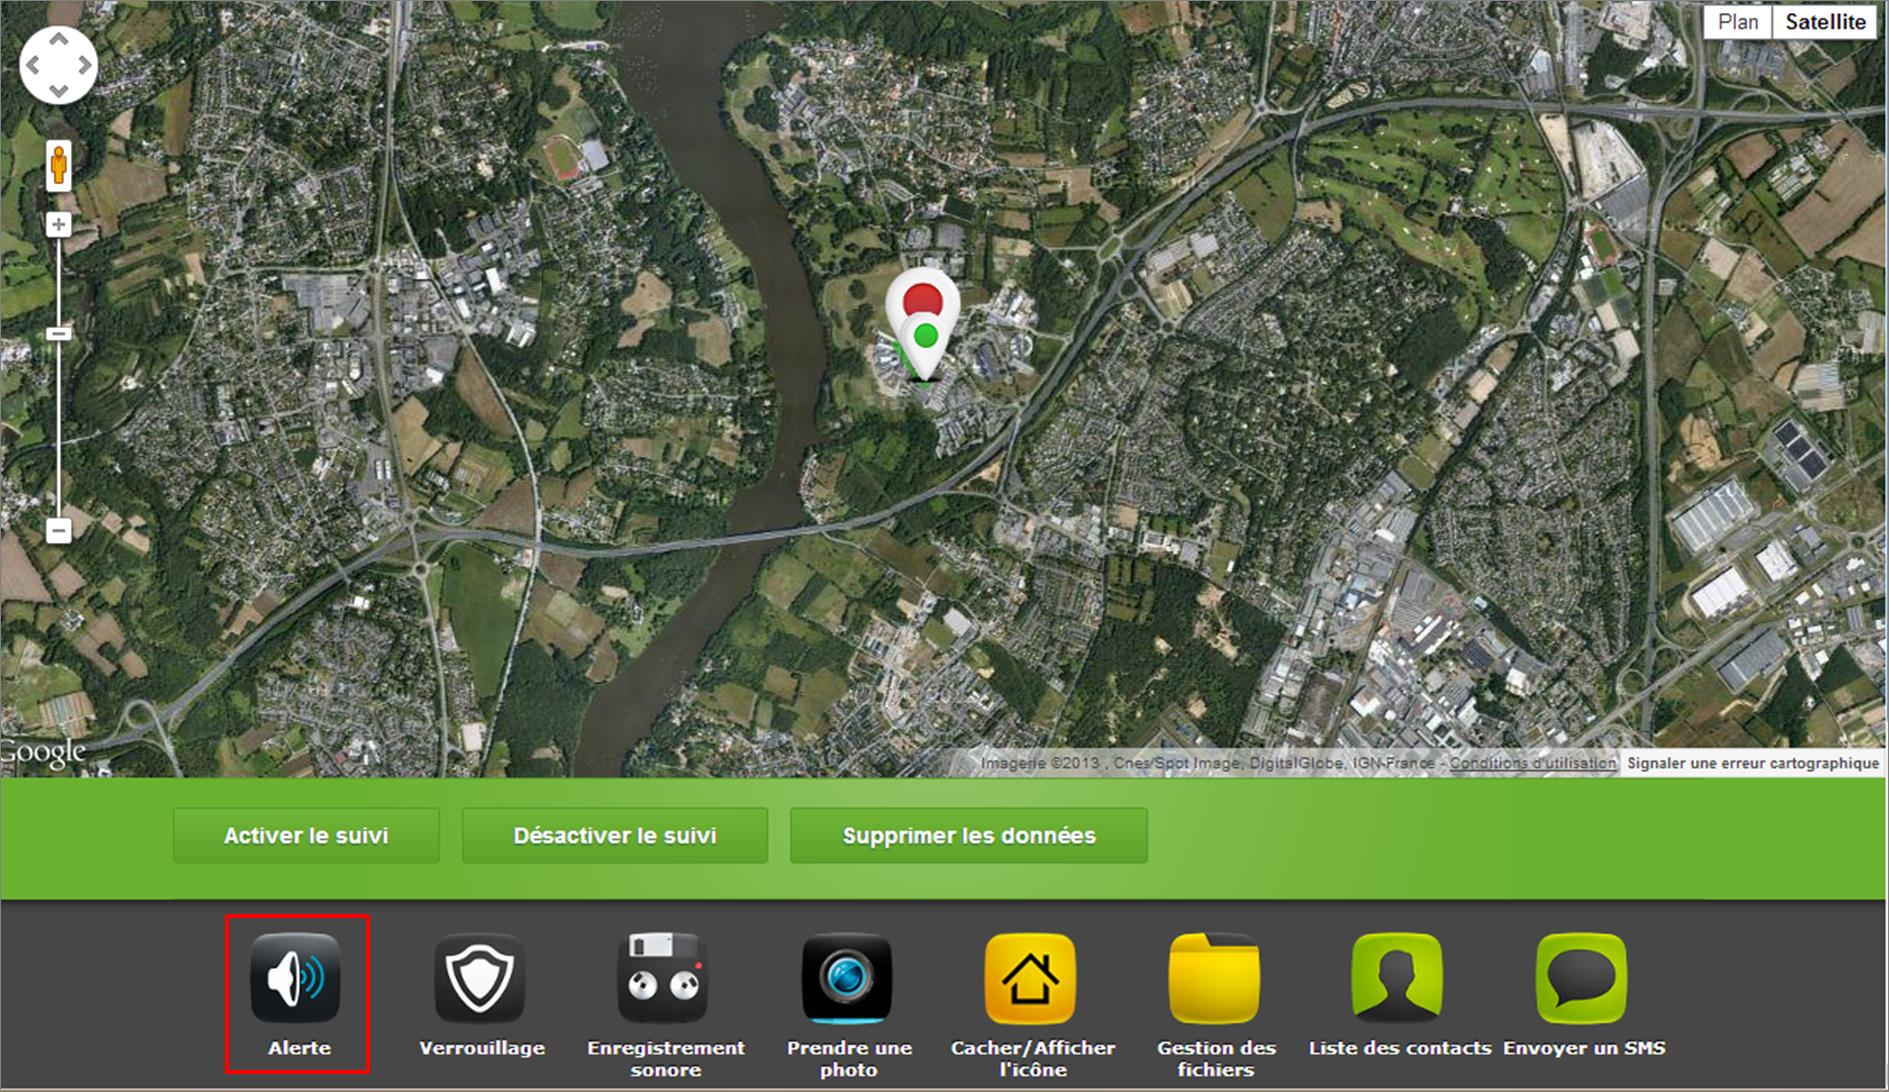 Déclencher une alerte sonore à distance avec votre Smartphone Android